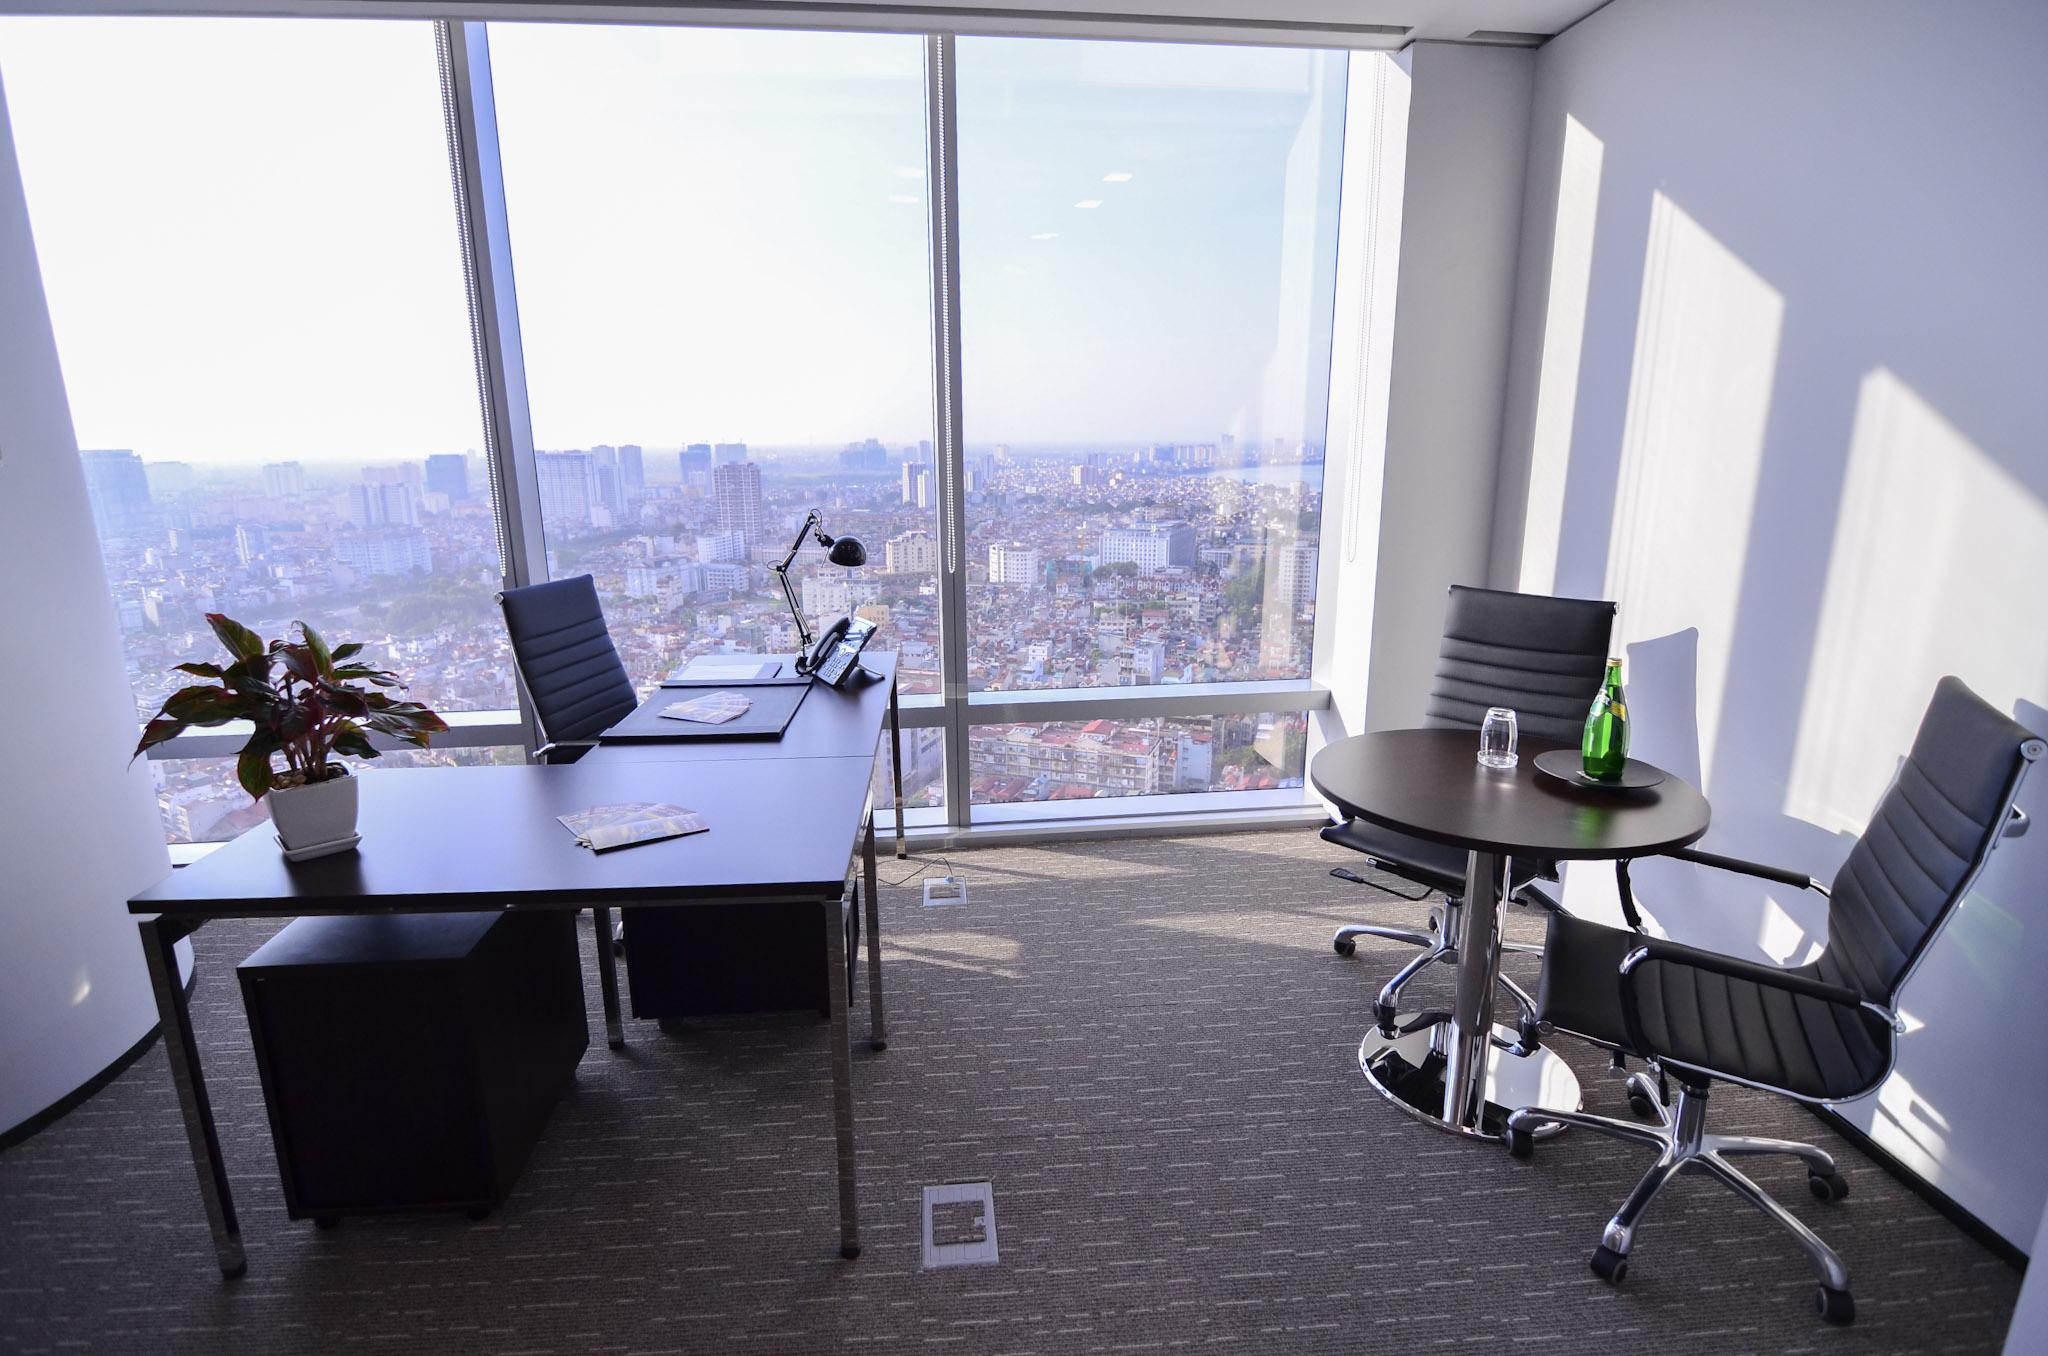 Sử dụng văn phòng ảo đúng mục đích sẽ mang đến nhiều lợi thế